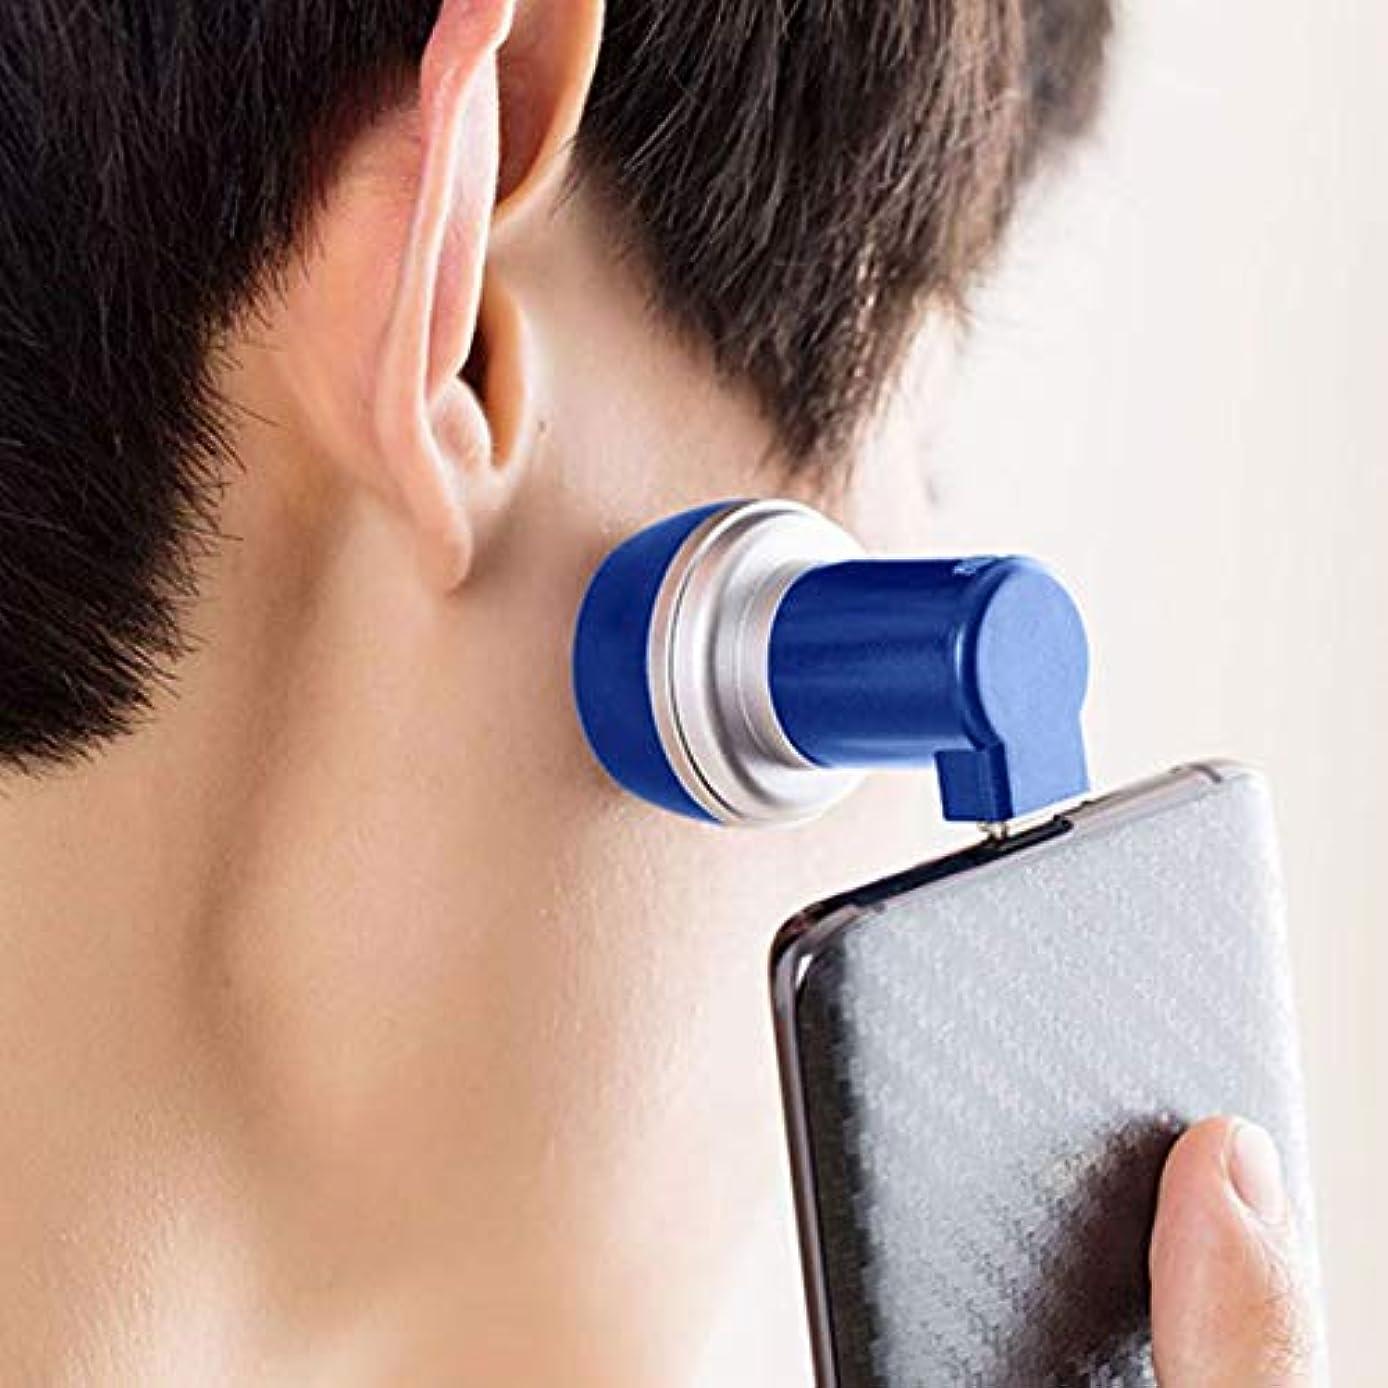 サイレン偏見フォアマンメンズ 電気 シェーバー 髭剃り 回転式 ミニ 電動ひげそり 携帯電話/USB充電式 持ち運び便利 ビジネス 海外対応 type-c/USB/lightningポート (サファイアブルー, Lighting(IOS))